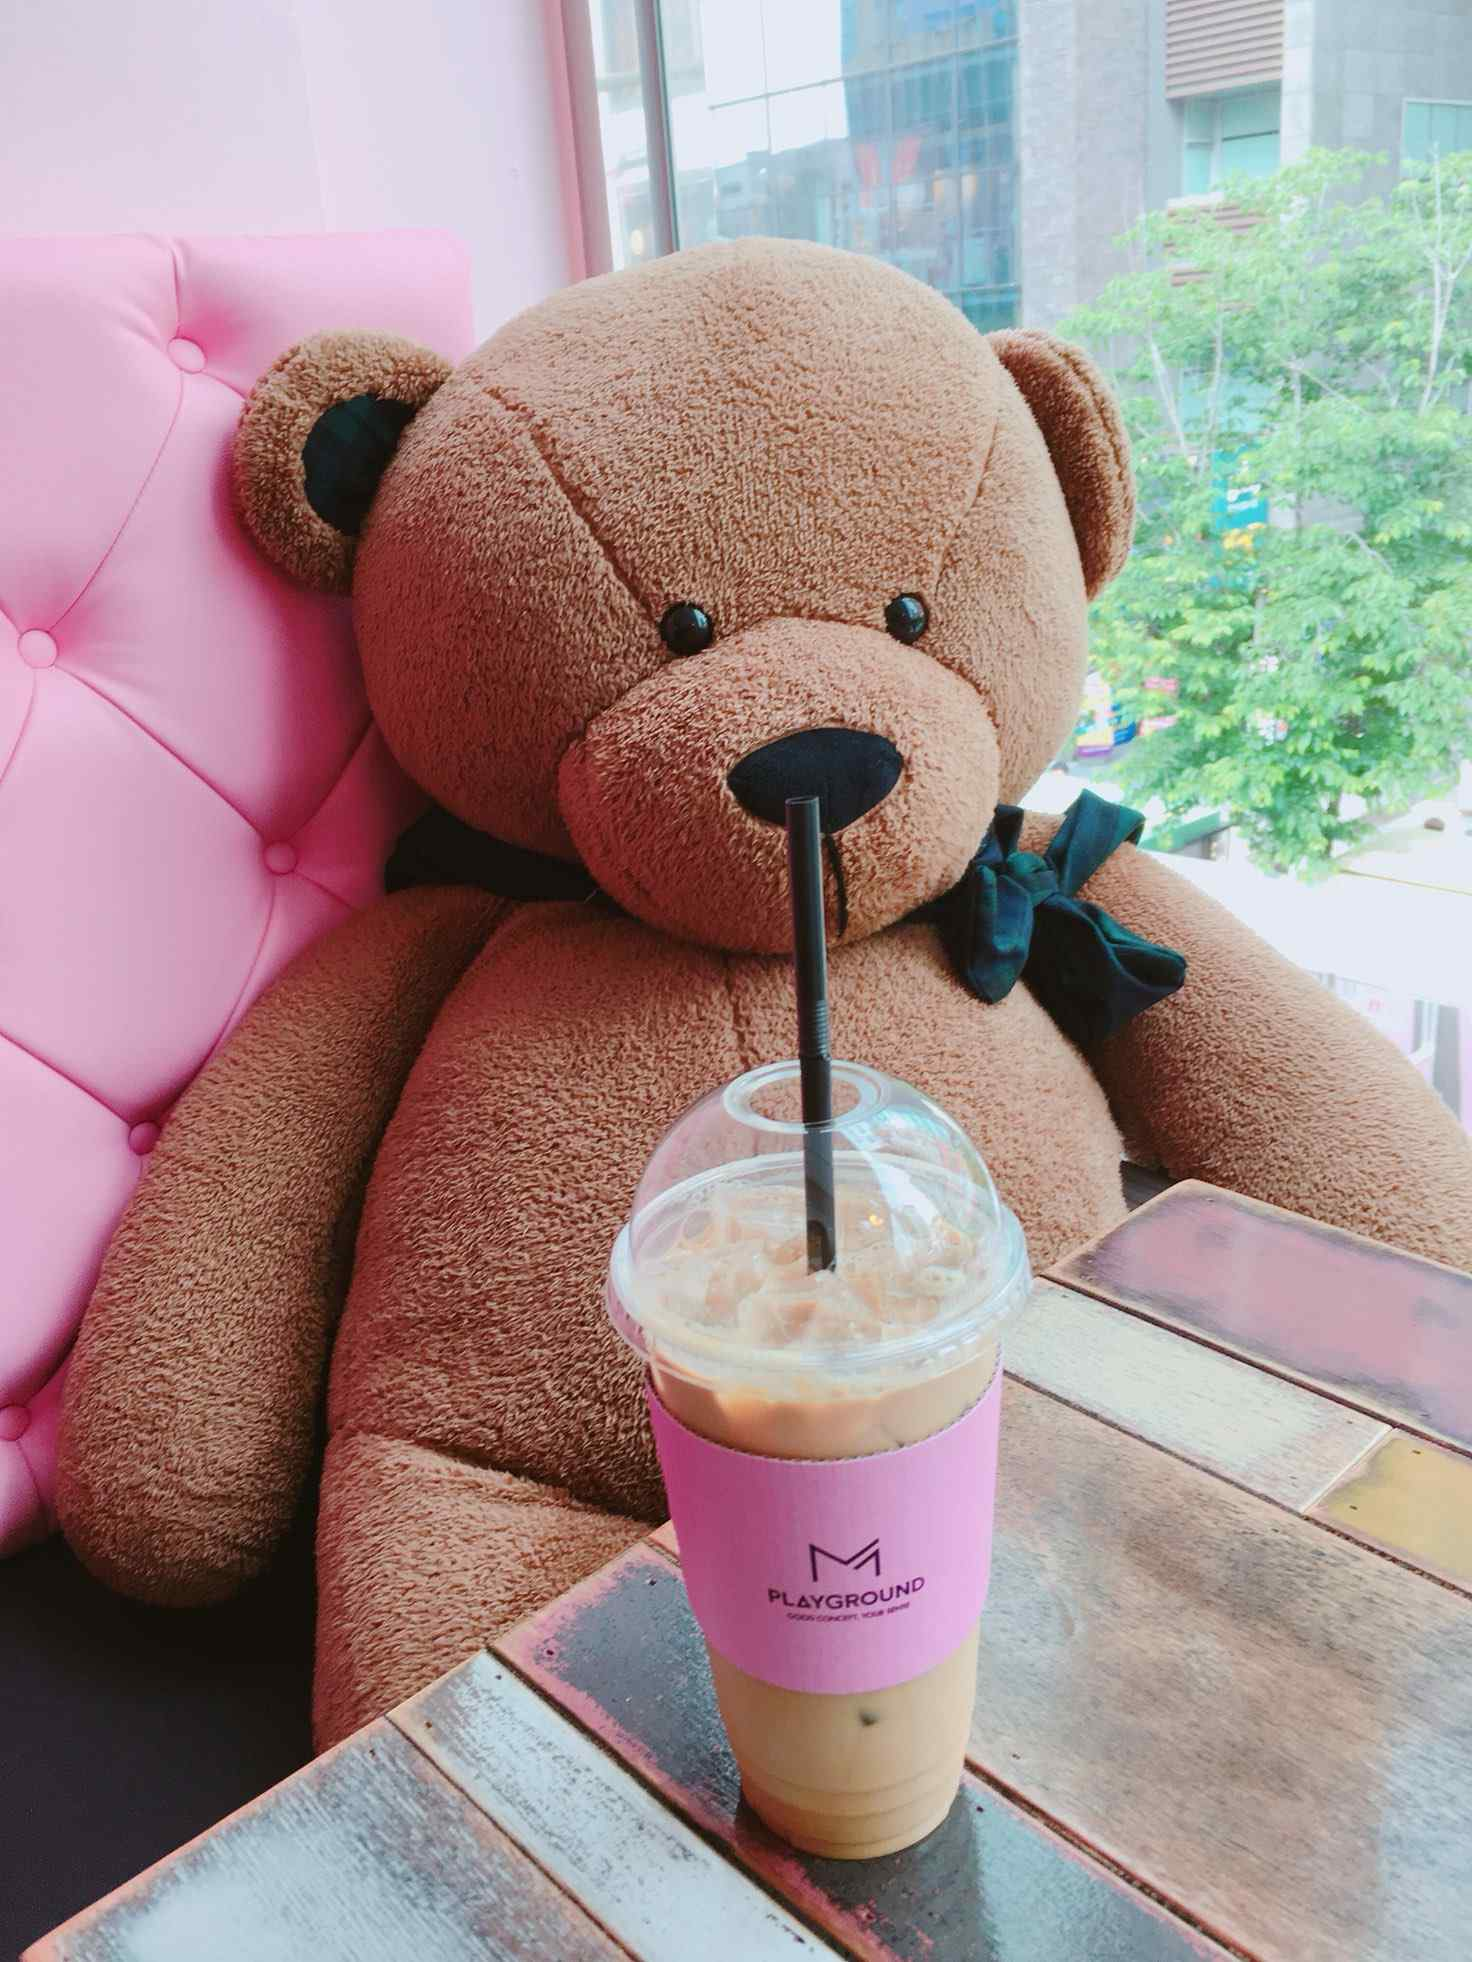 第一次來的時候飲料還只是普通的咖啡色杯套,上面也沒有任何字,現在已經換成美美的粉紅杯套啦!是不是更好拍了~